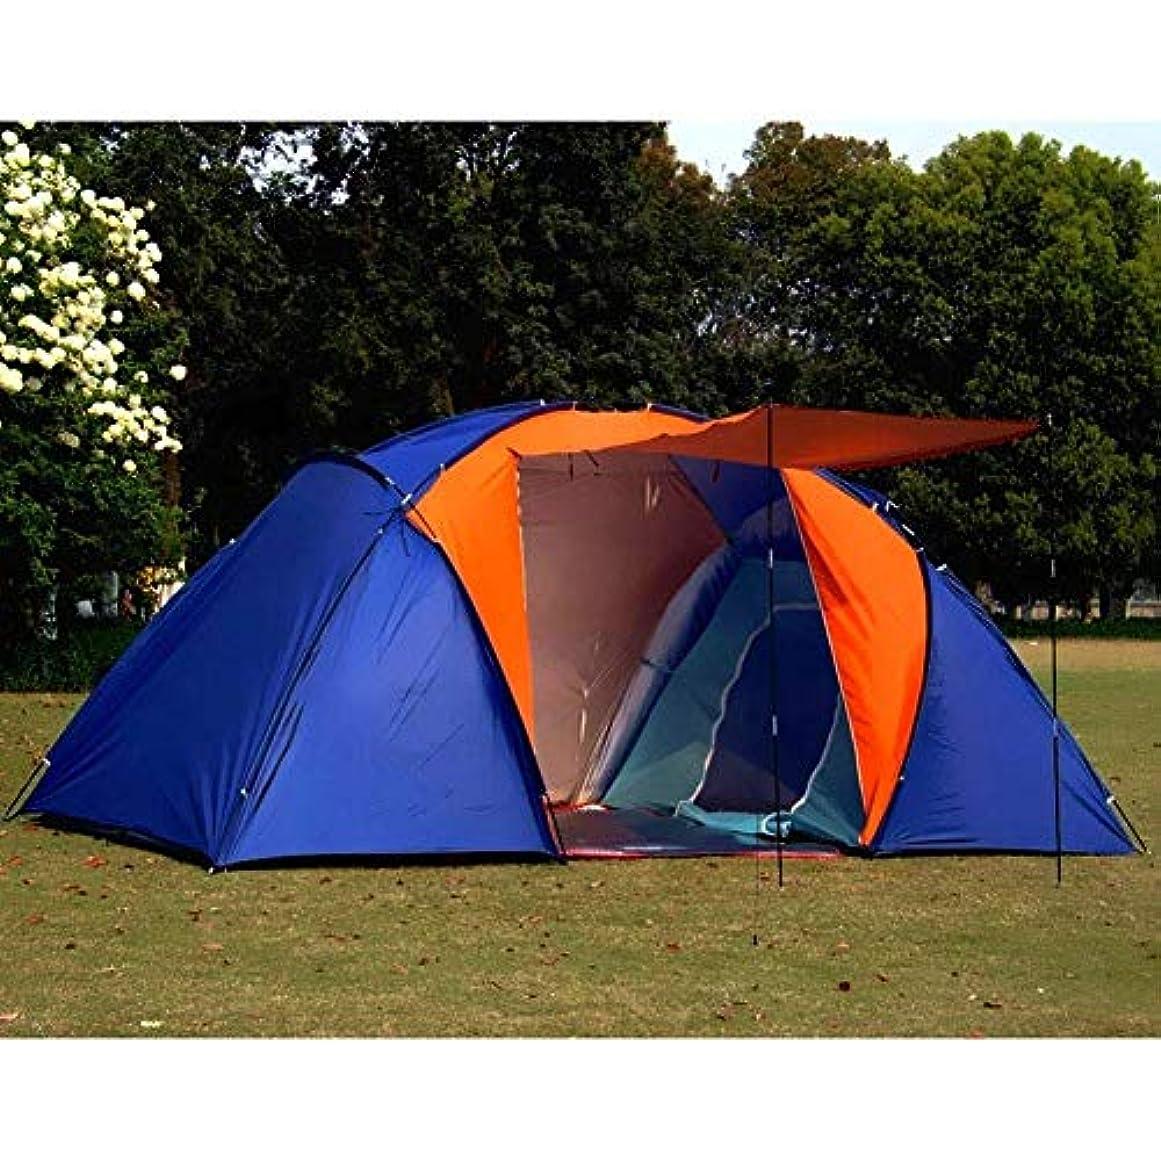 他のバンドで誤って開梱多機能屋外キャンプテント5-8人二重層日焼け止め防水家??族旅行ホリデーピクニックビーチパーク芝生